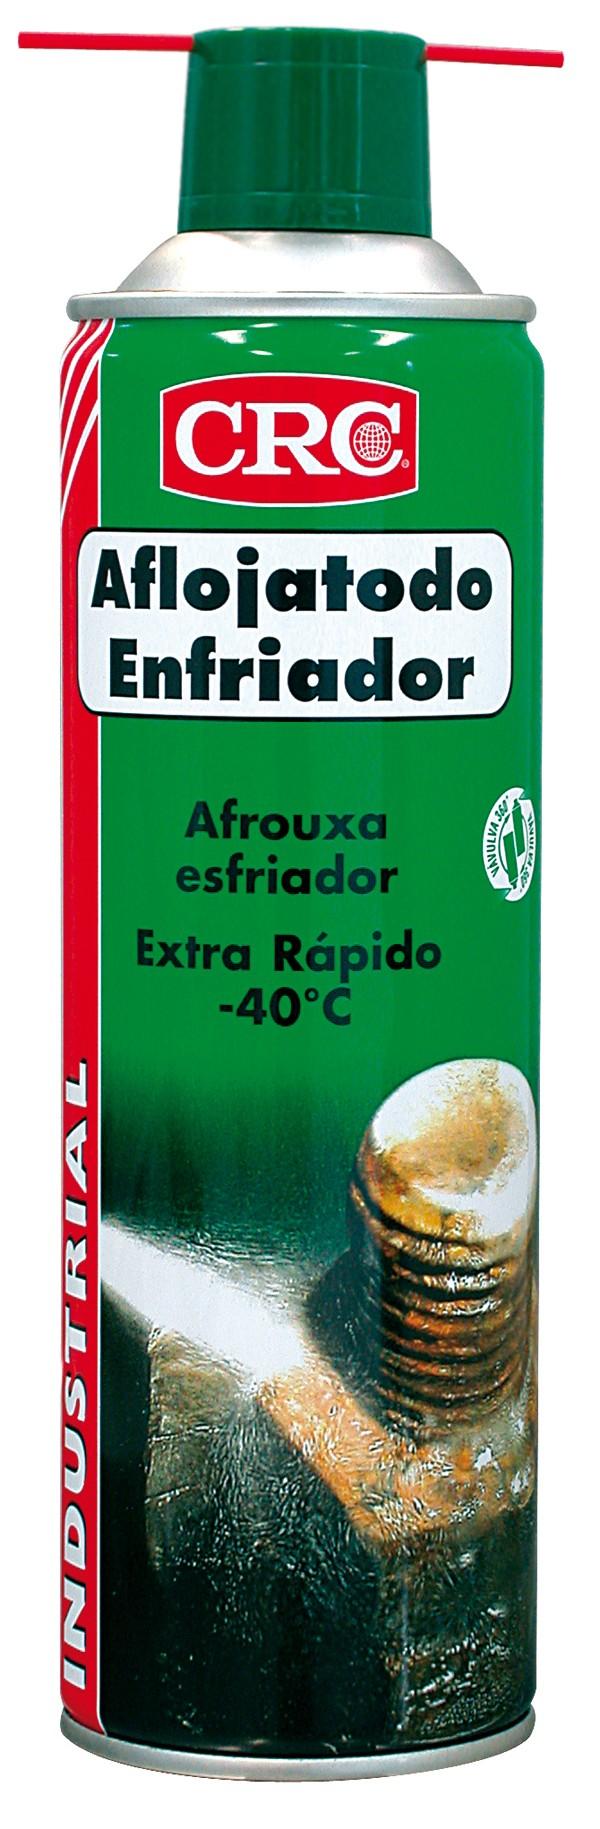 ACEITE AFLOJATODO ENFRIADOR CRC 500 ML